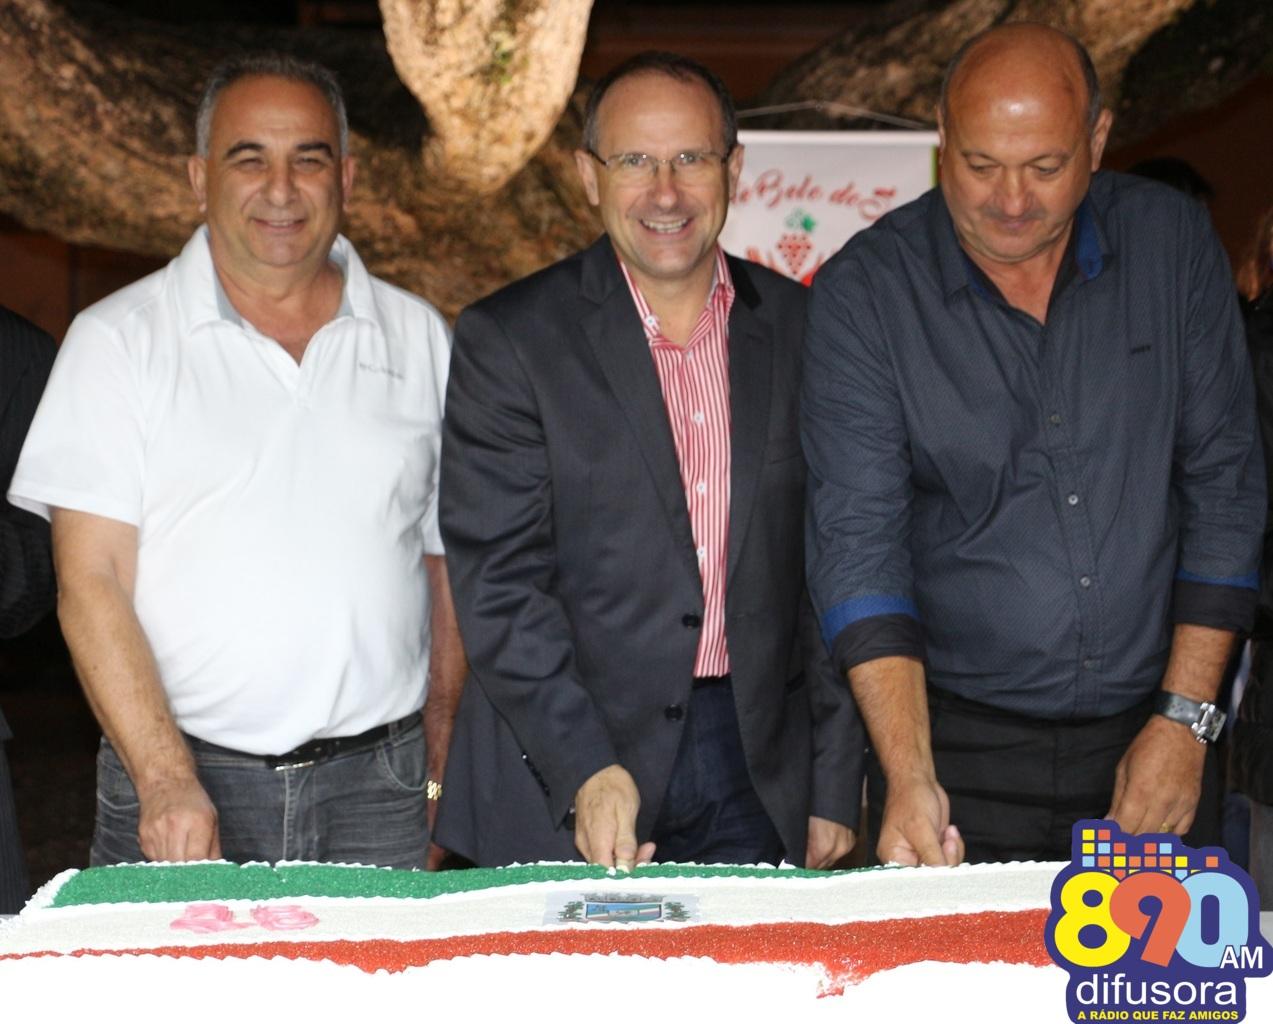 Festa marca os 25 anos de emancipação política de Monte Belo